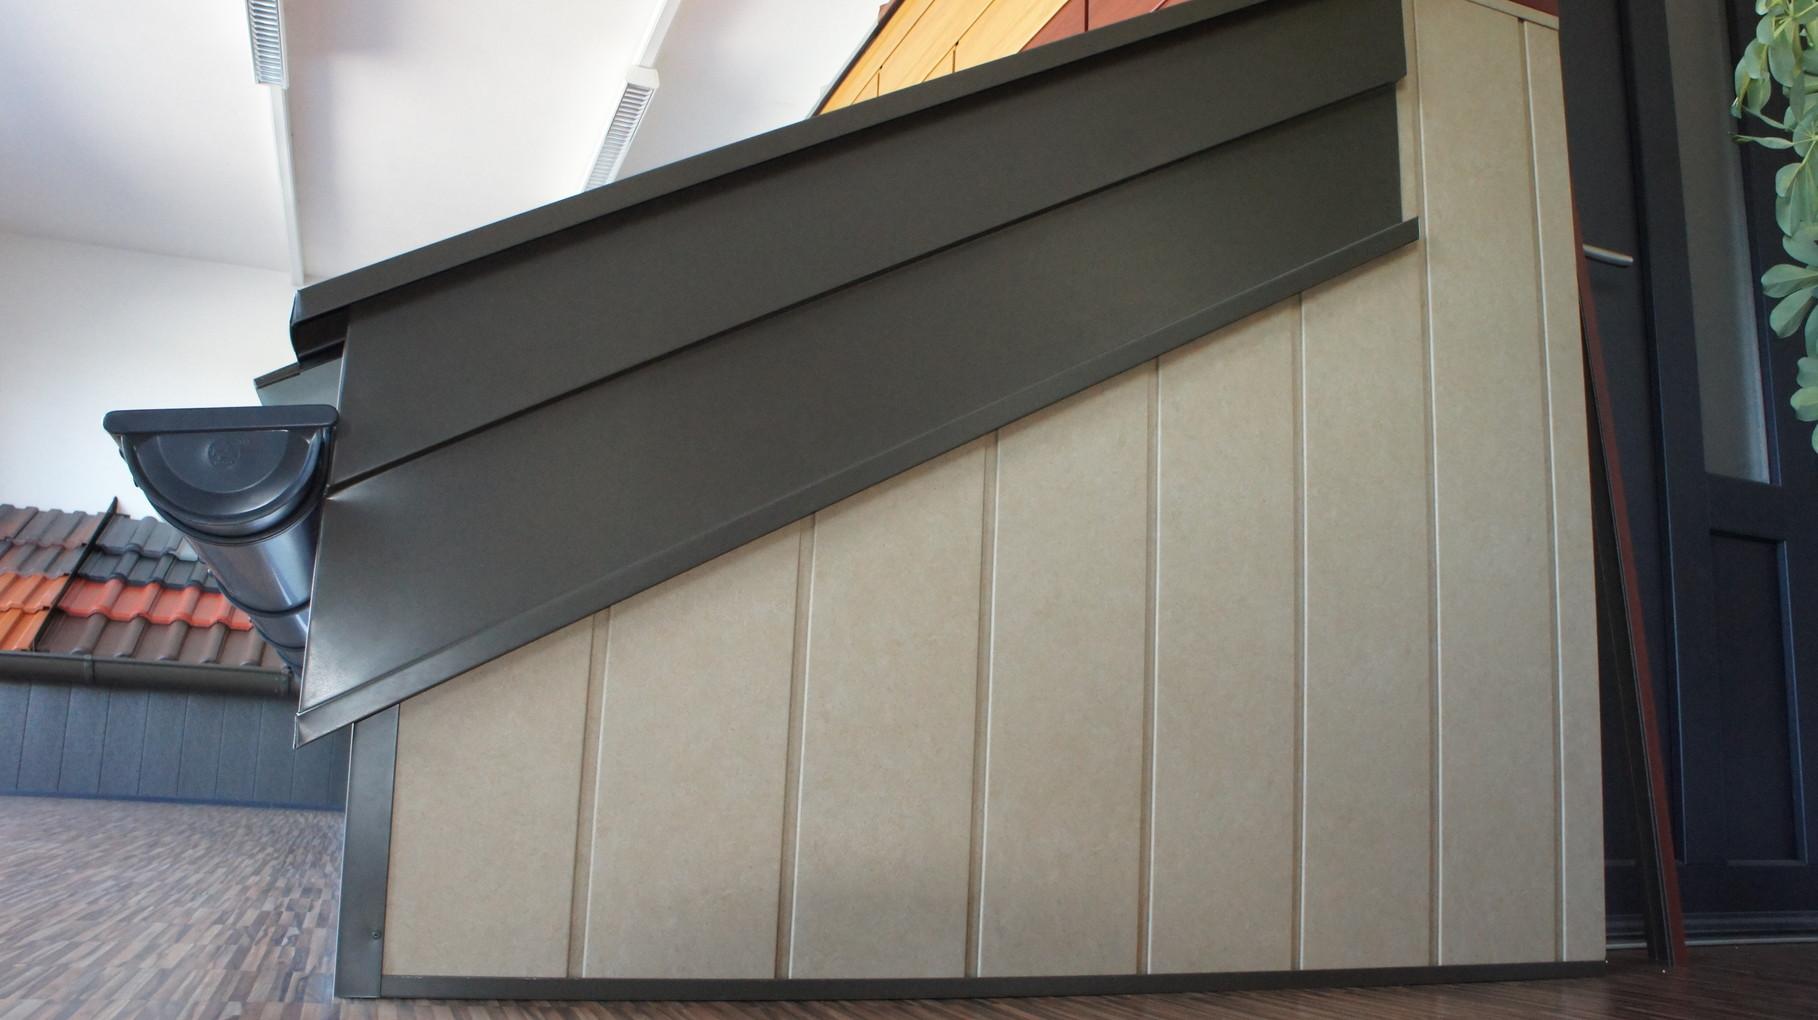 Giebelsparrenverkleidung PREFA braun, Fassaden - Sidings - sandbraun Oberfläche P.10